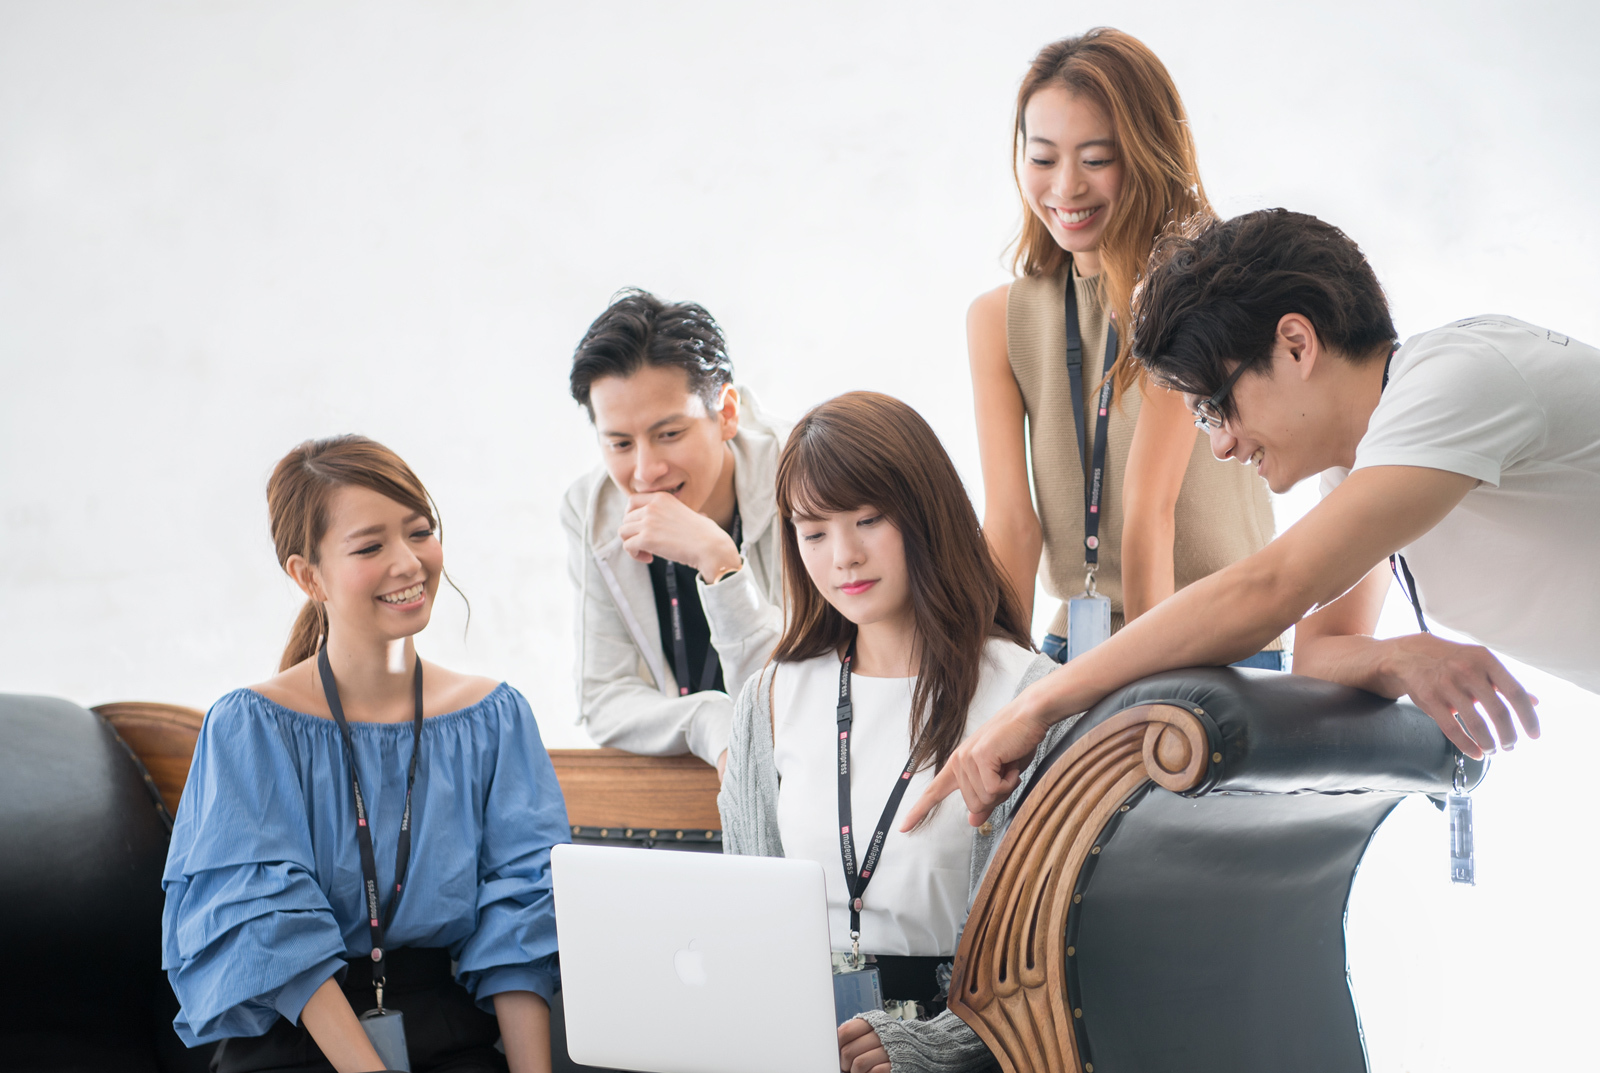 月間1.3億PVを誇る日本最大級の女性向けライフスタイル&エンタメ情報サイト「modelpress」におけるPHPを用いたWebシステム開発